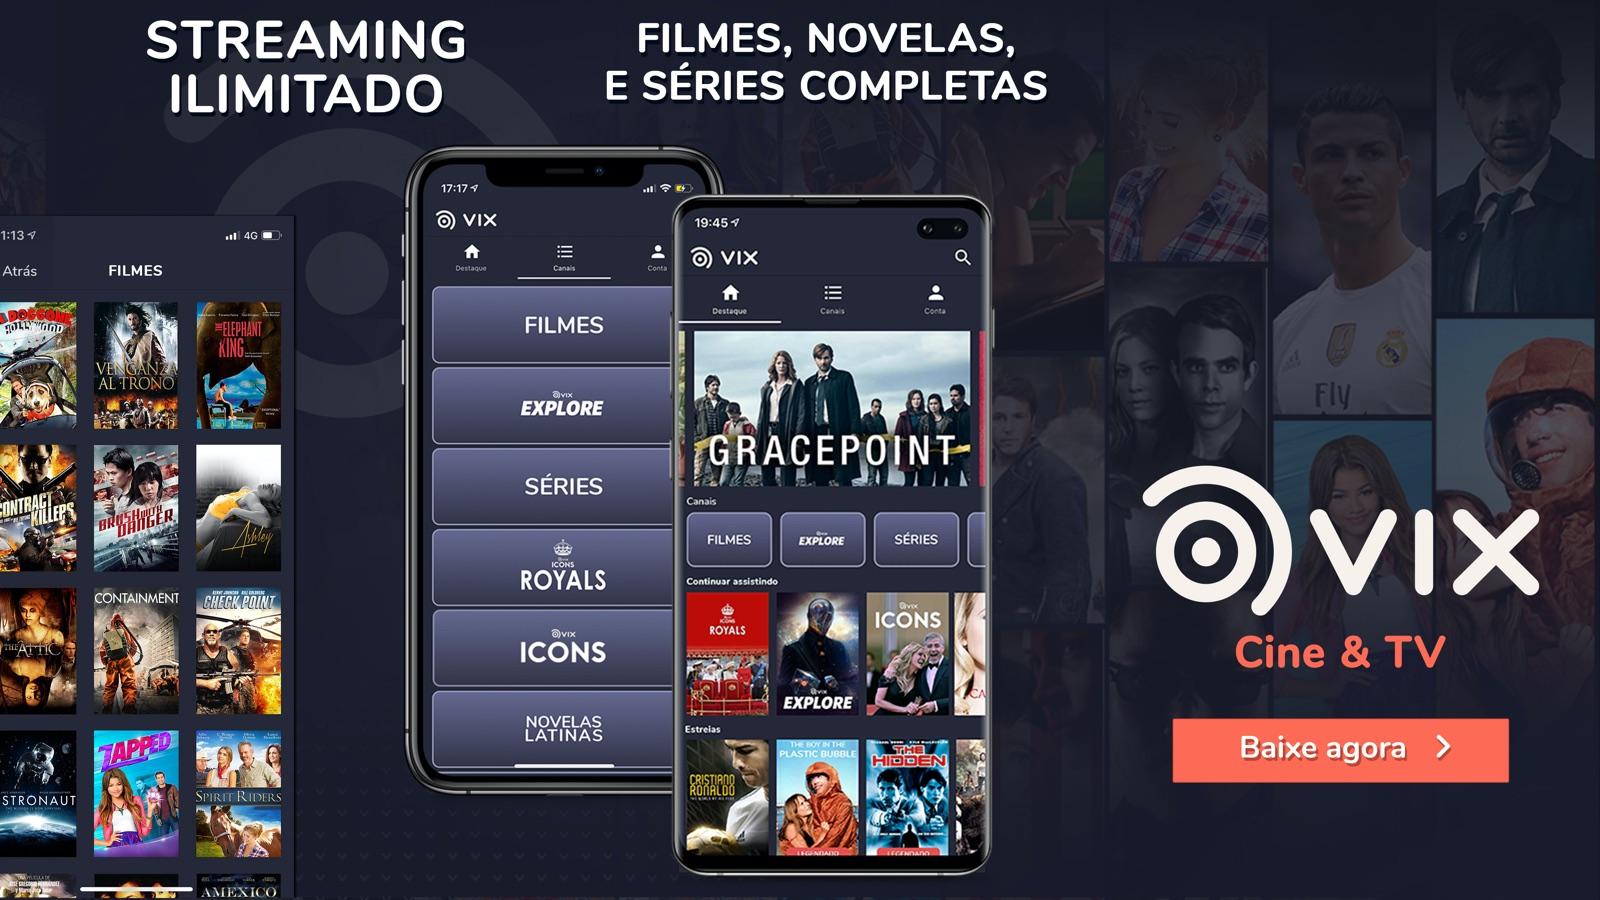 Capturas de tela do Vix Cine e TV